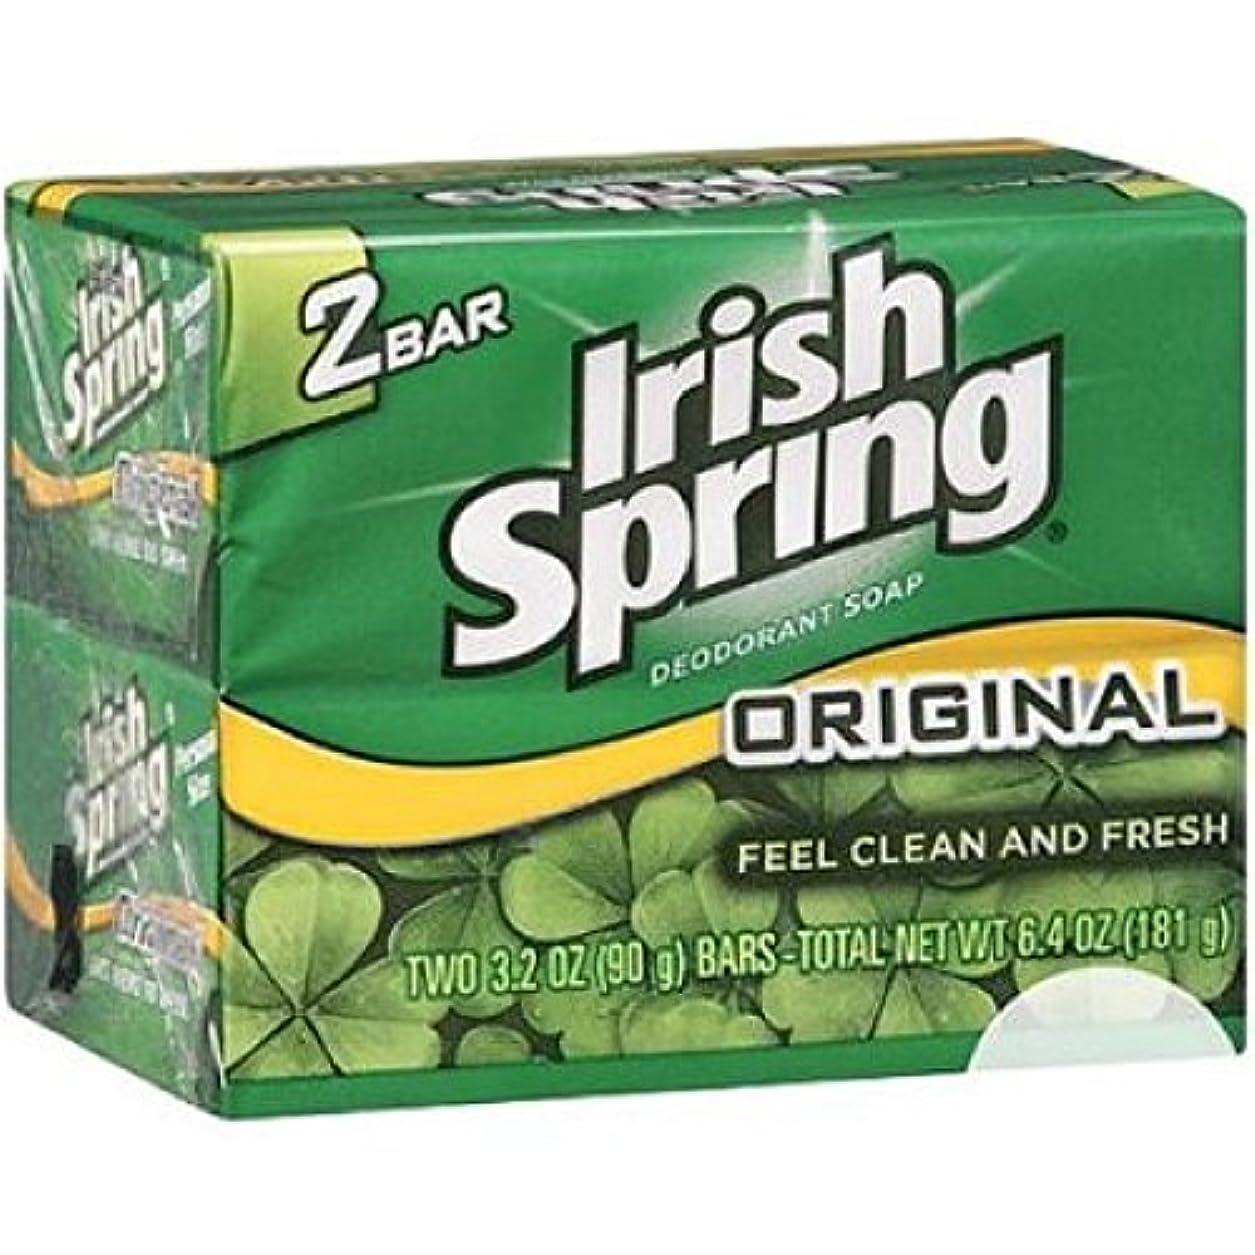 無意識砲撃遺伝的Irish Spring オリジナルデオドラント石鹸、3.20オズバー、2 Eaは 8パック